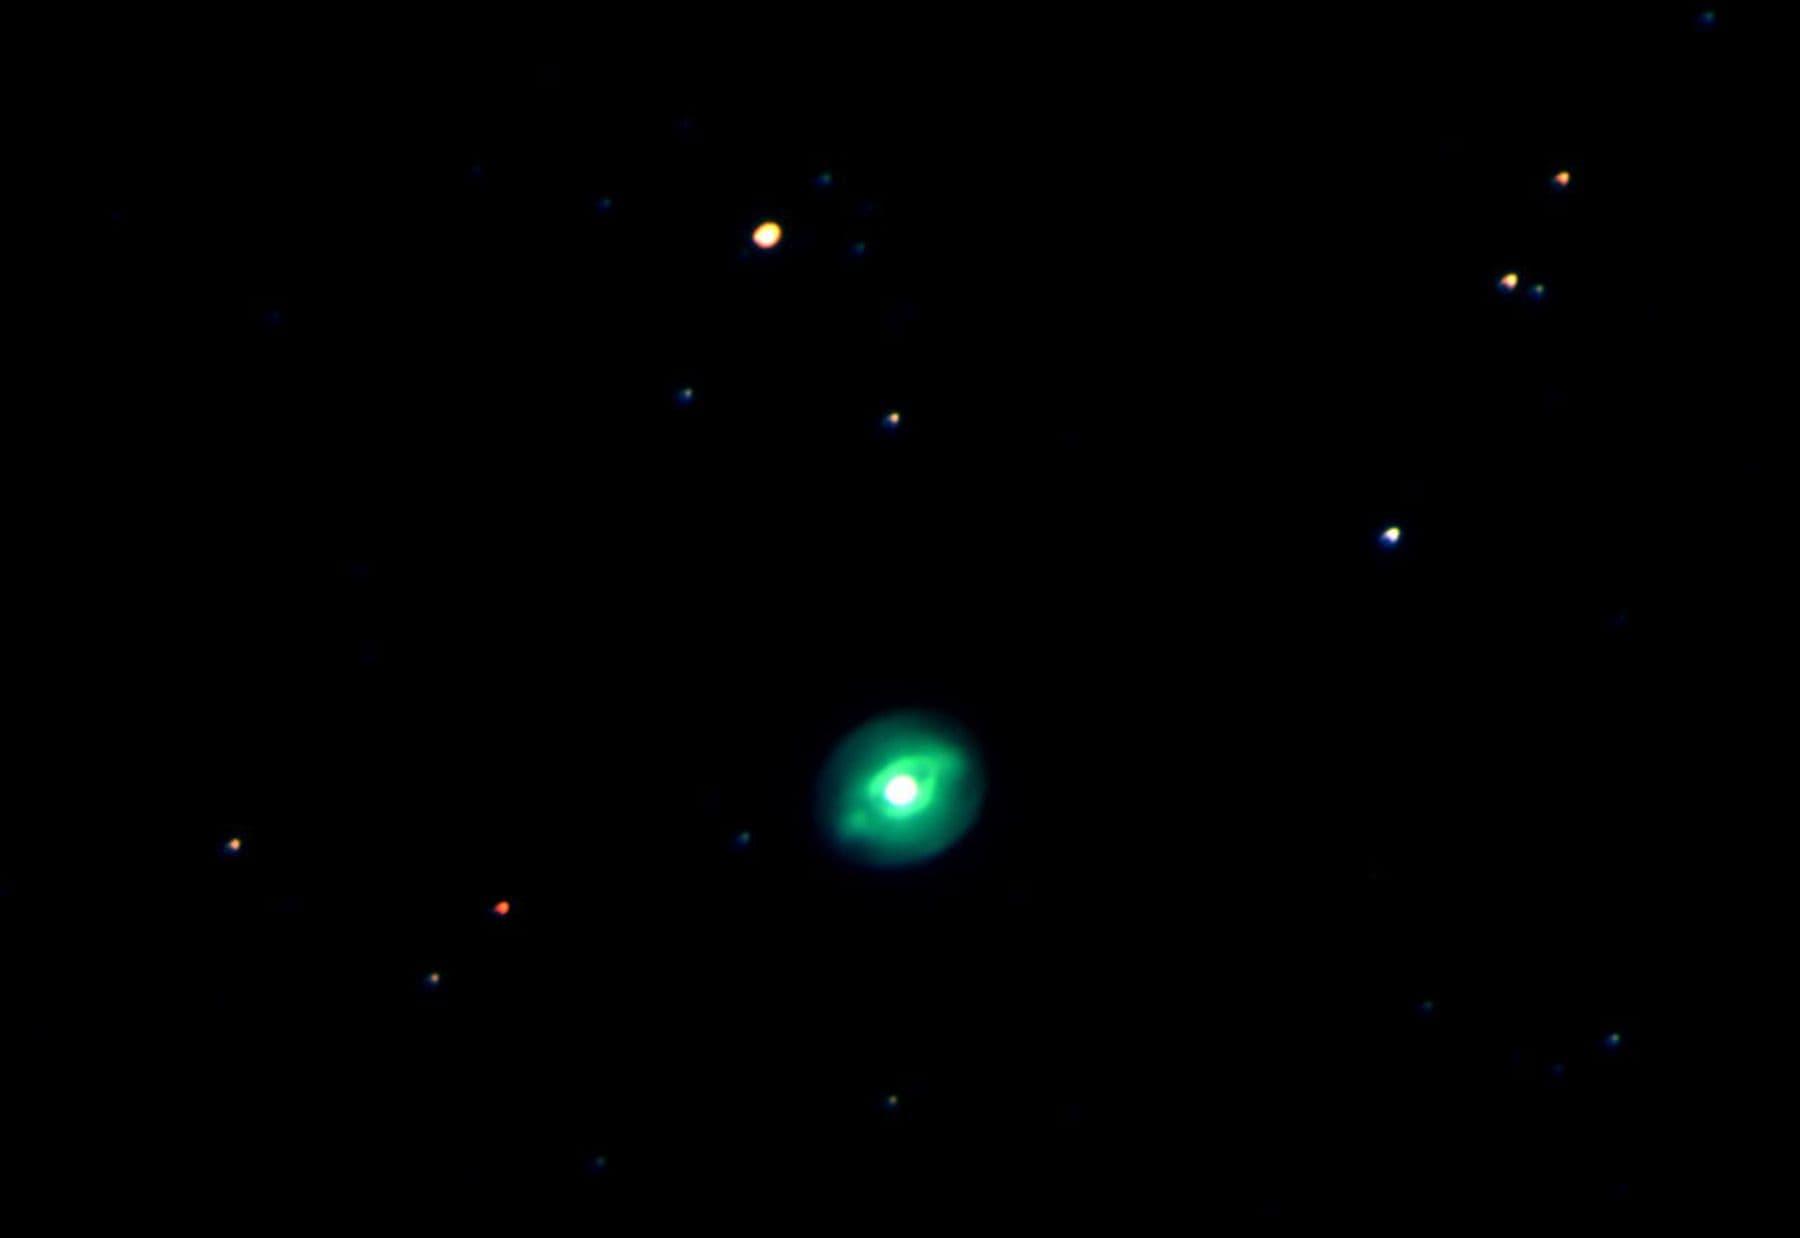 Planetary Nebula NGC 6826, The Blinking Nebula